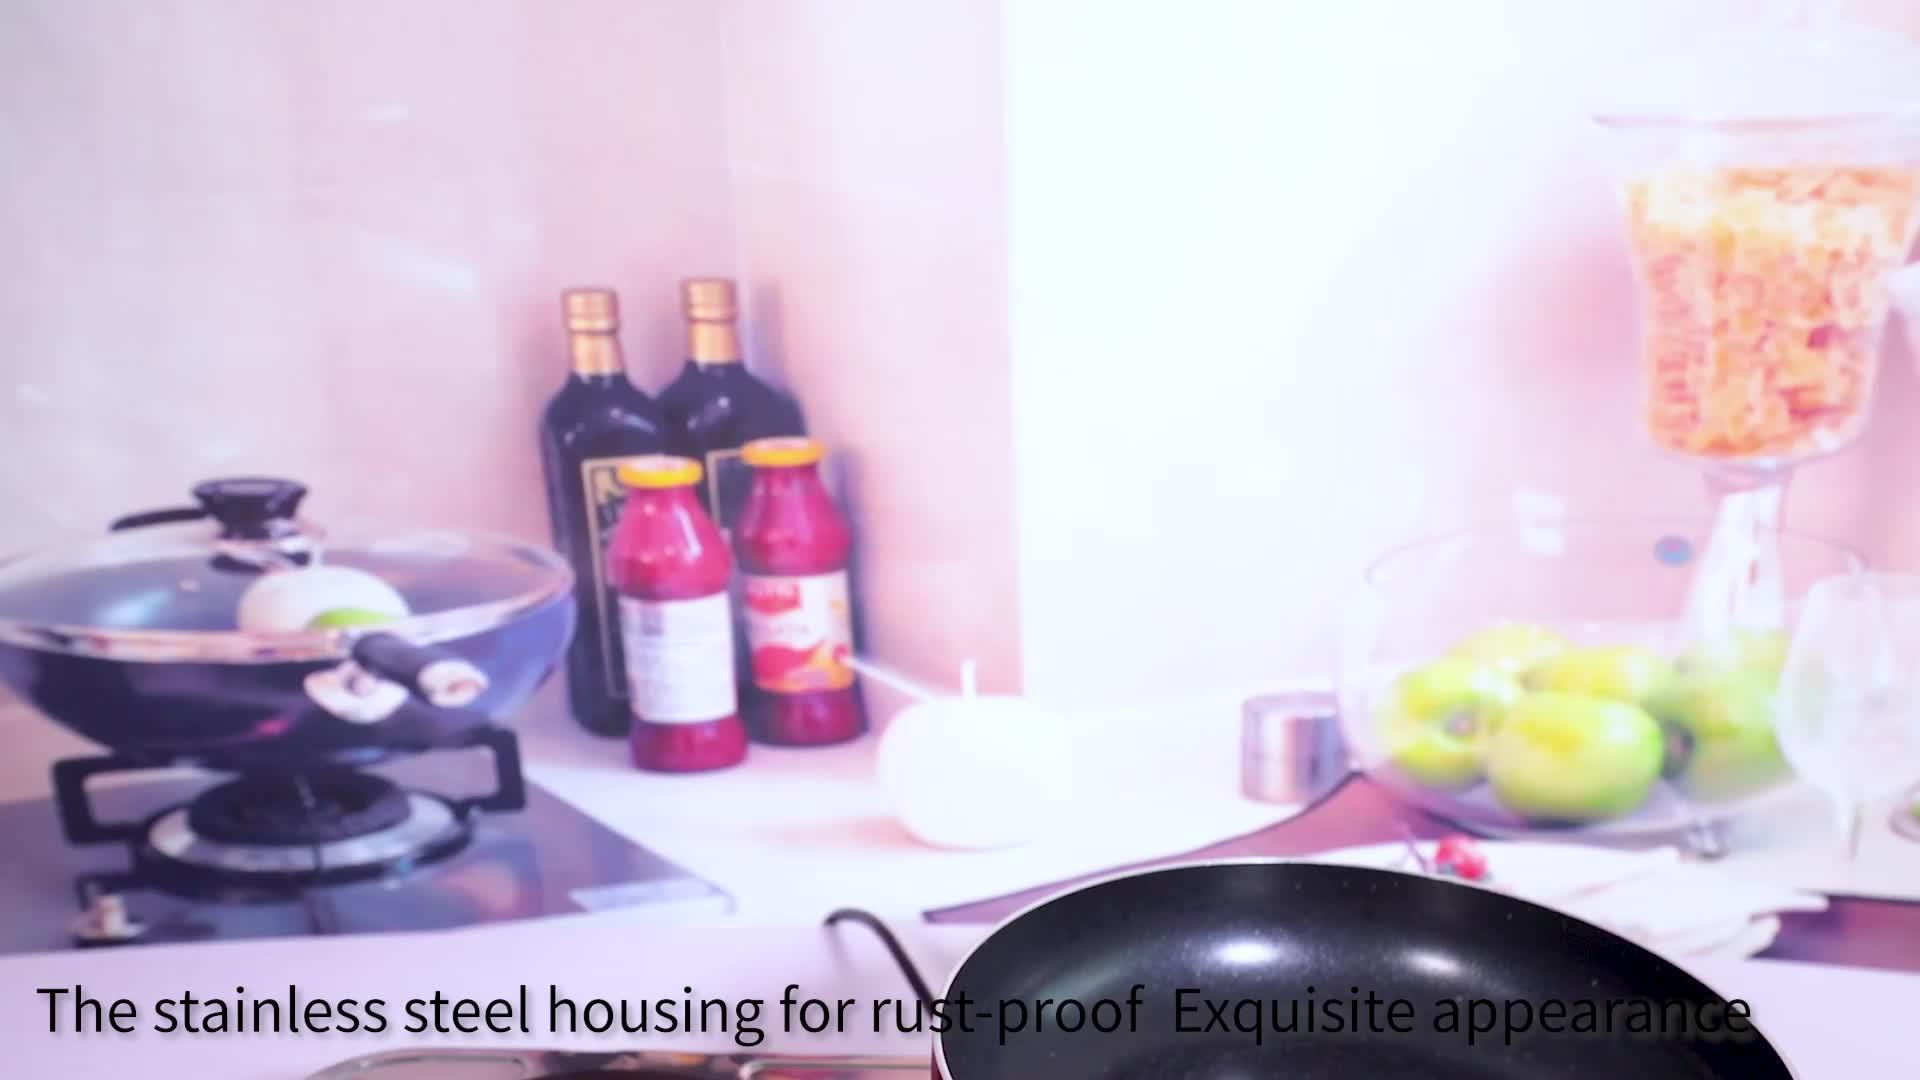 1500W बिजली का हीटिंग थाली एकल के साथ चीन में किए गए नई डिजाइन गर्म बेचने घरेलू स्टेनलेस स्टील